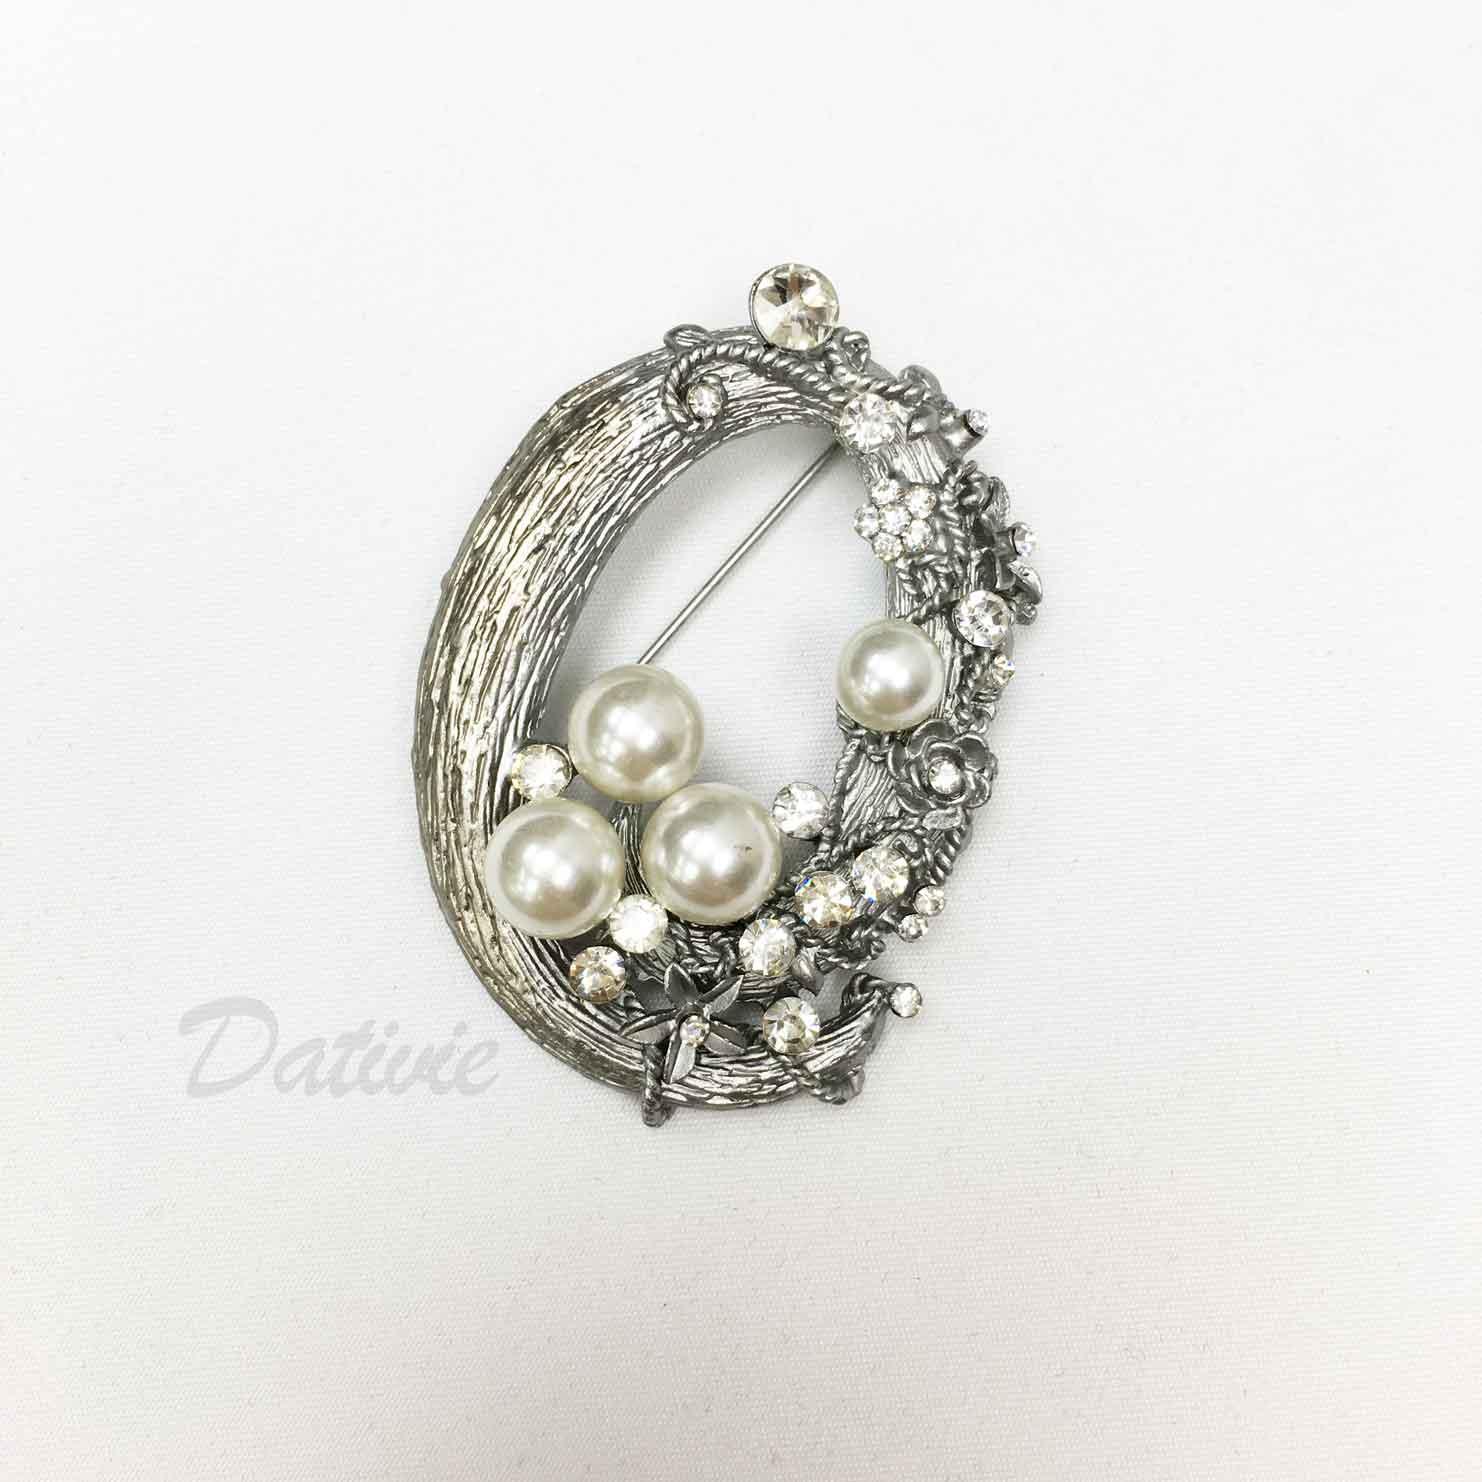 花環圓圈 不對稱 小花朵 珍珠 水鑽 造型 單個 胸針